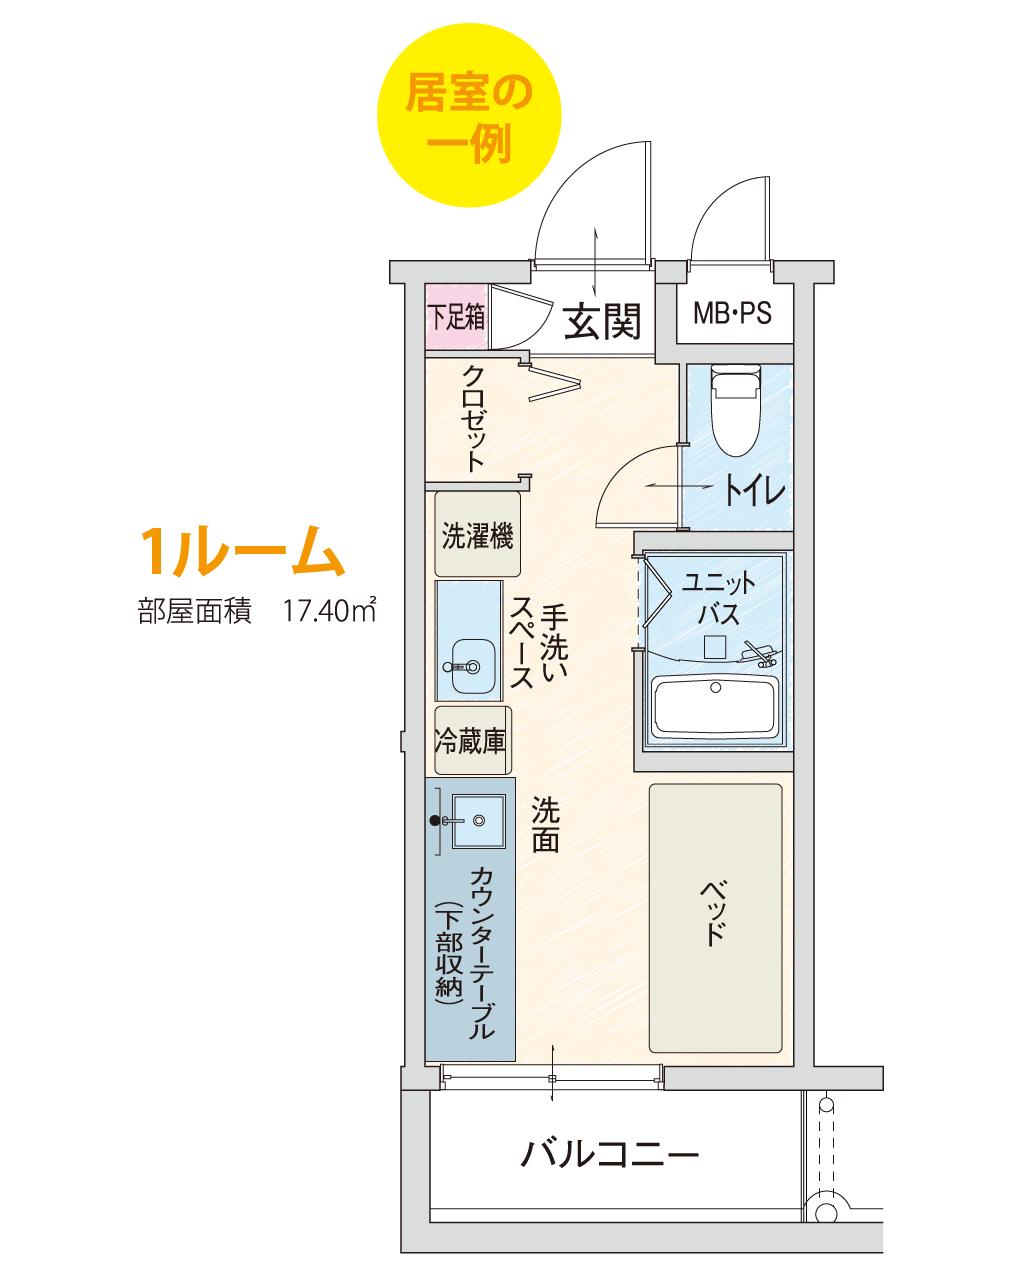 居室例画像_2